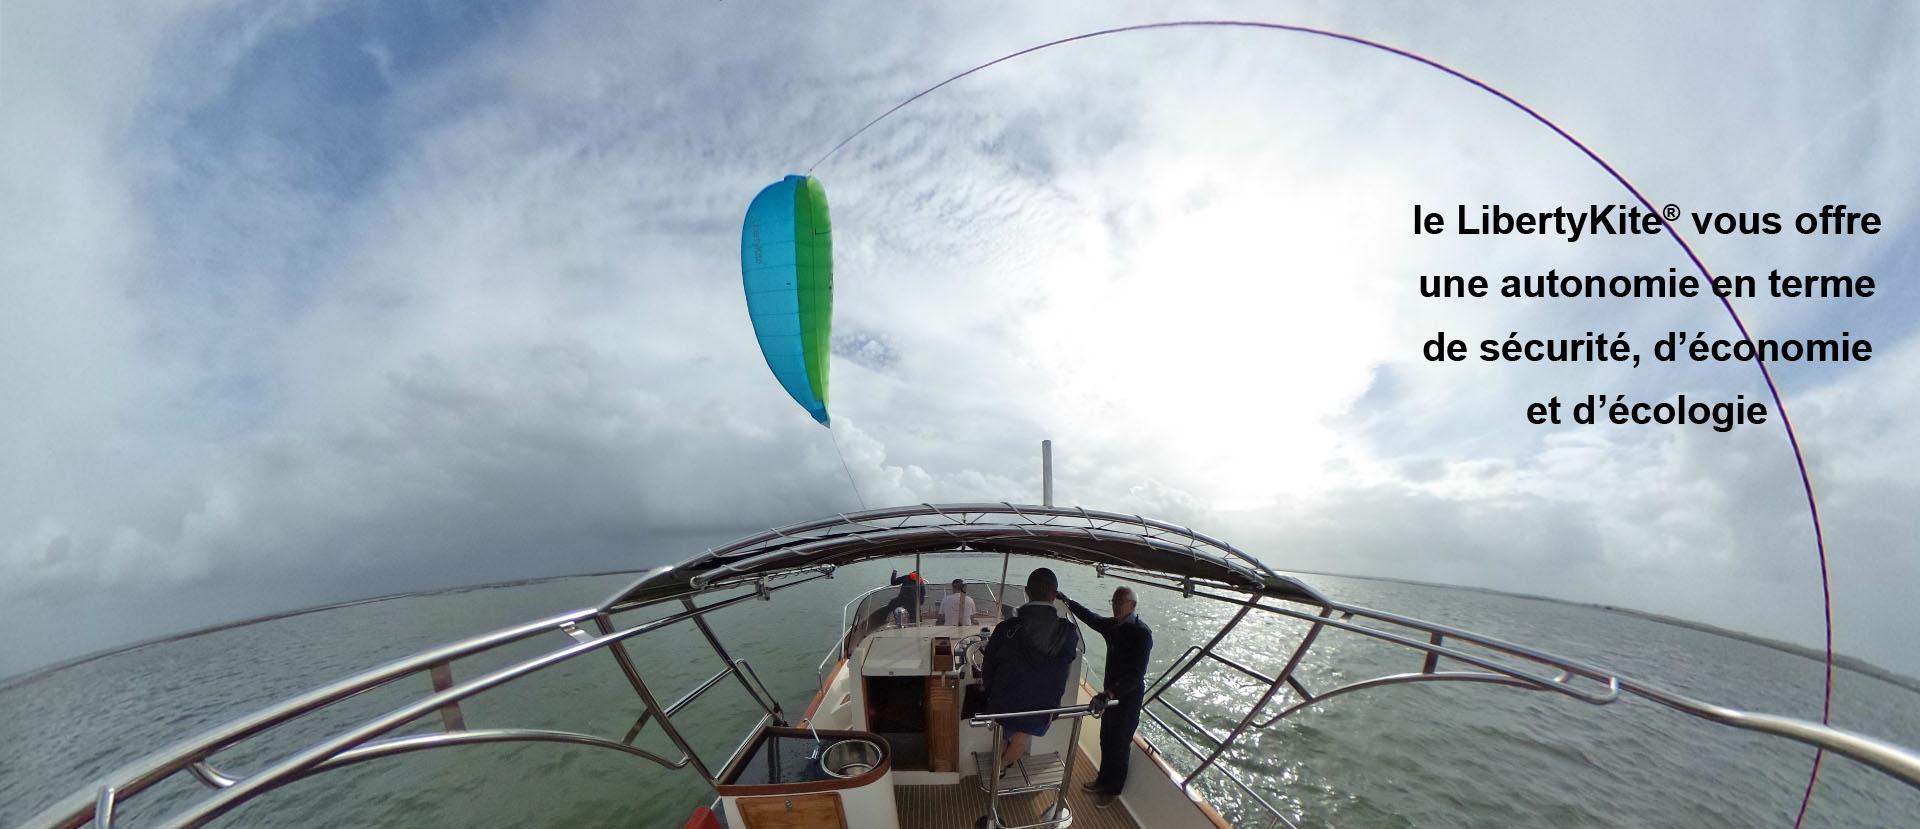 liberty-kite-bateau-22